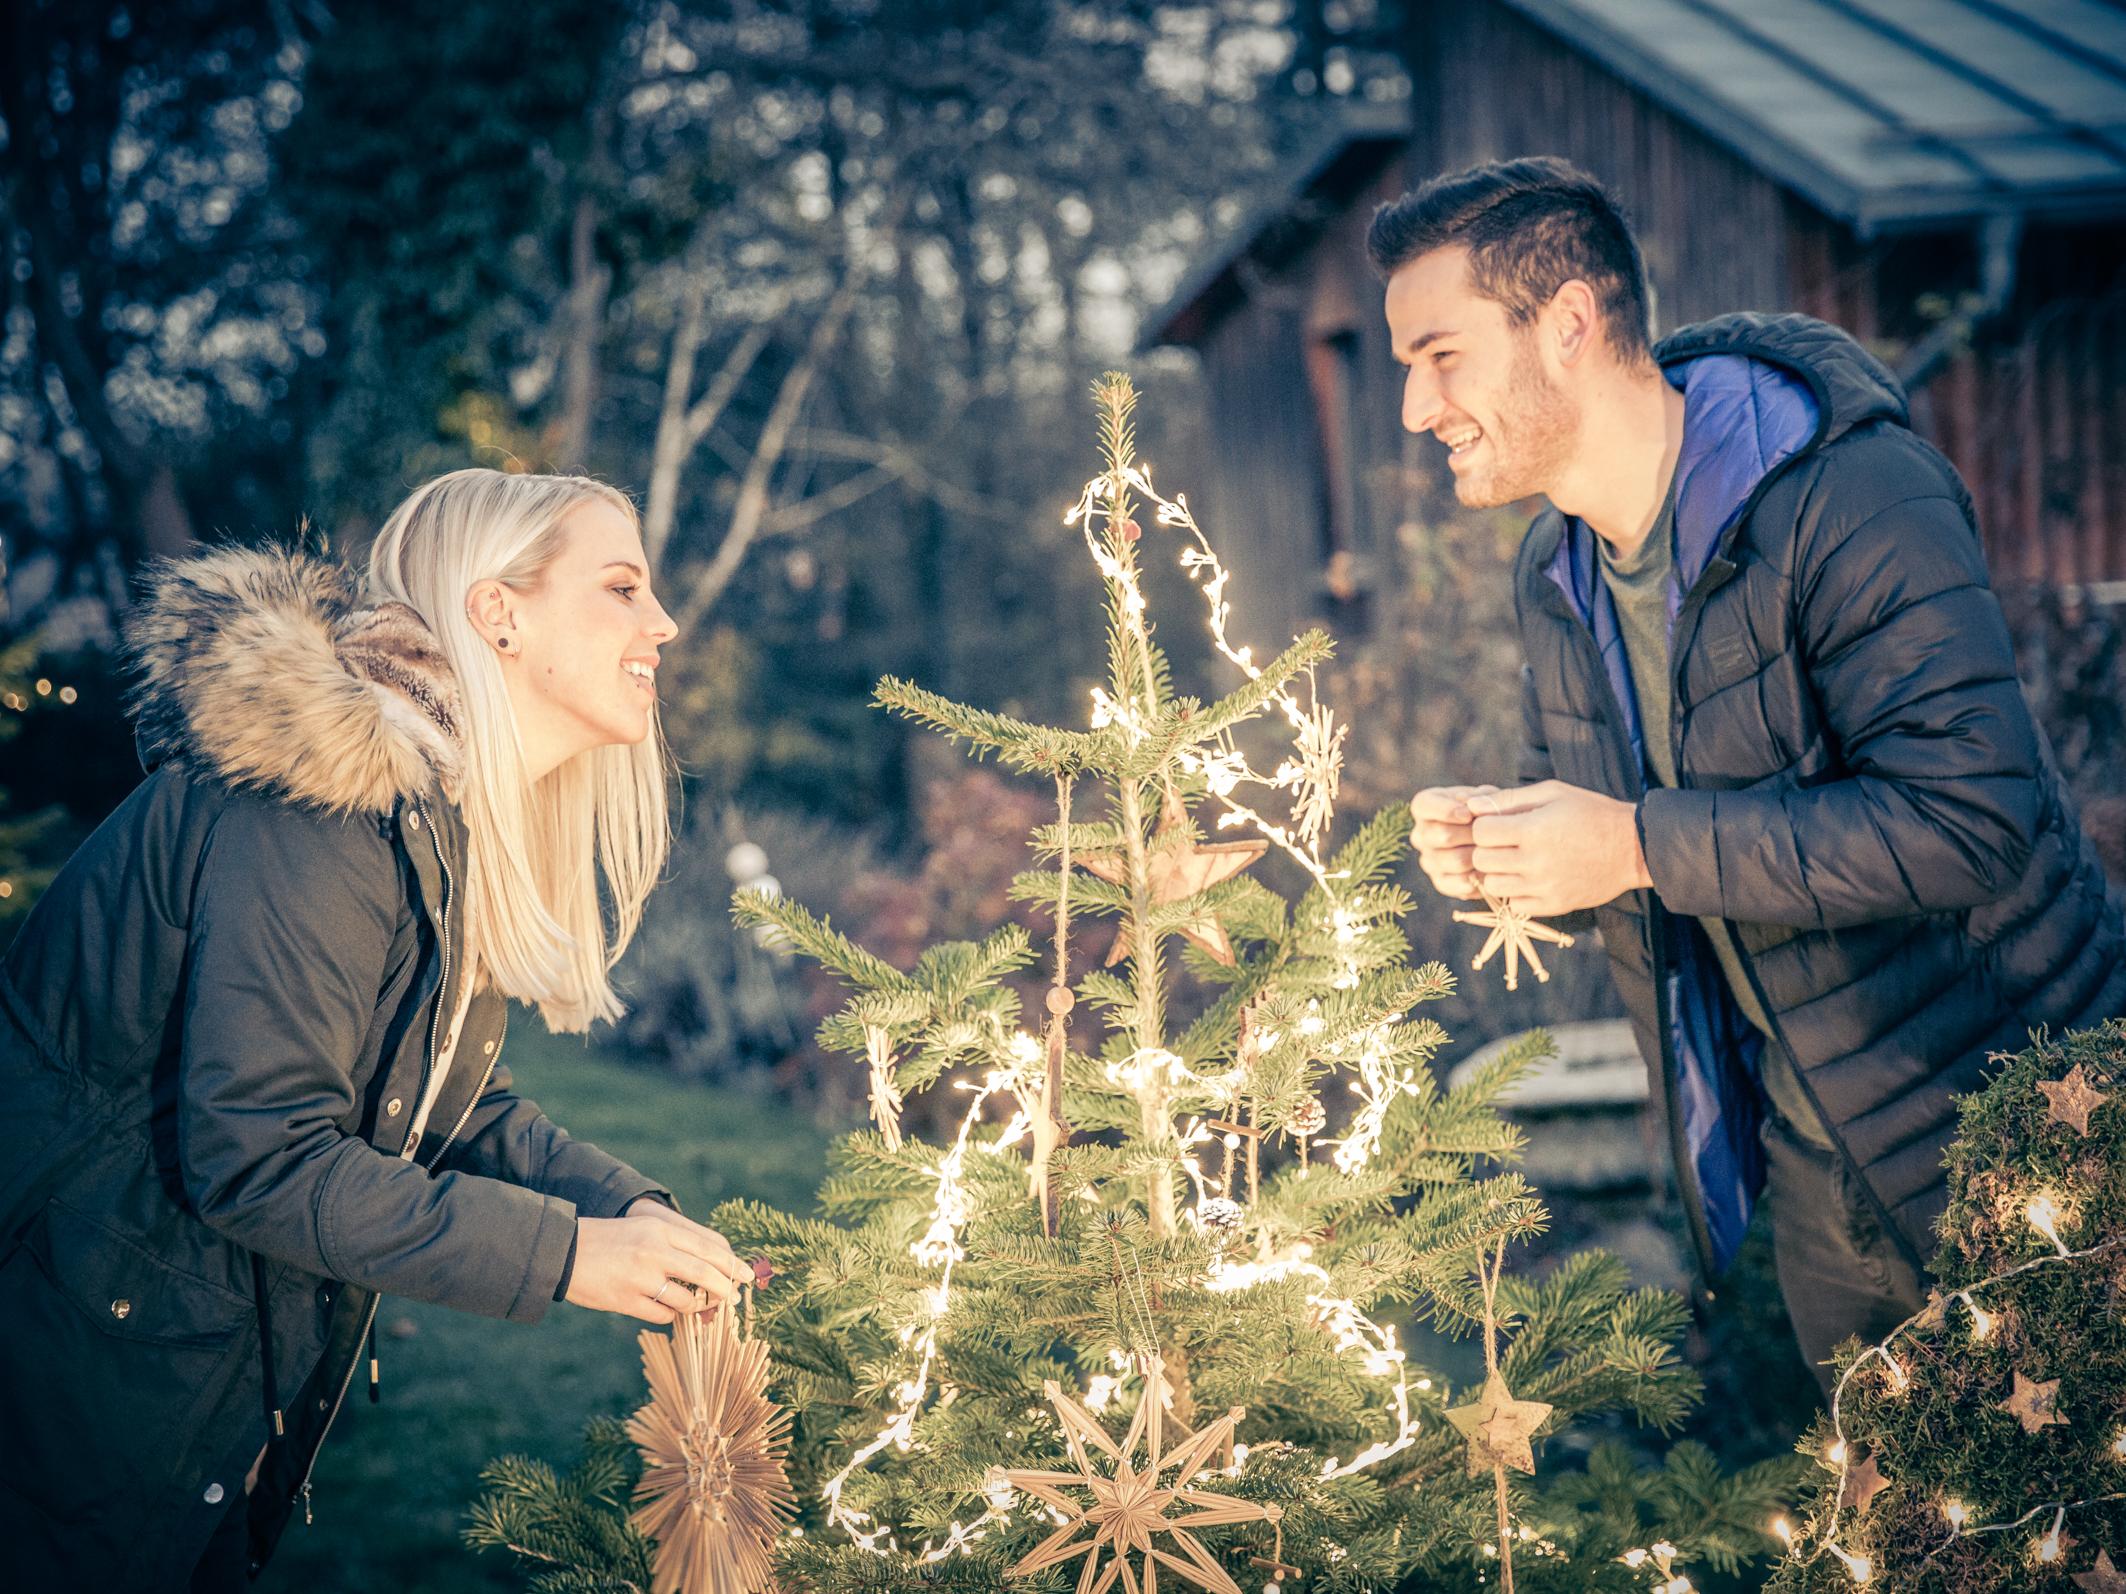 Weihnachten Fotoshooting im Gartenatlier